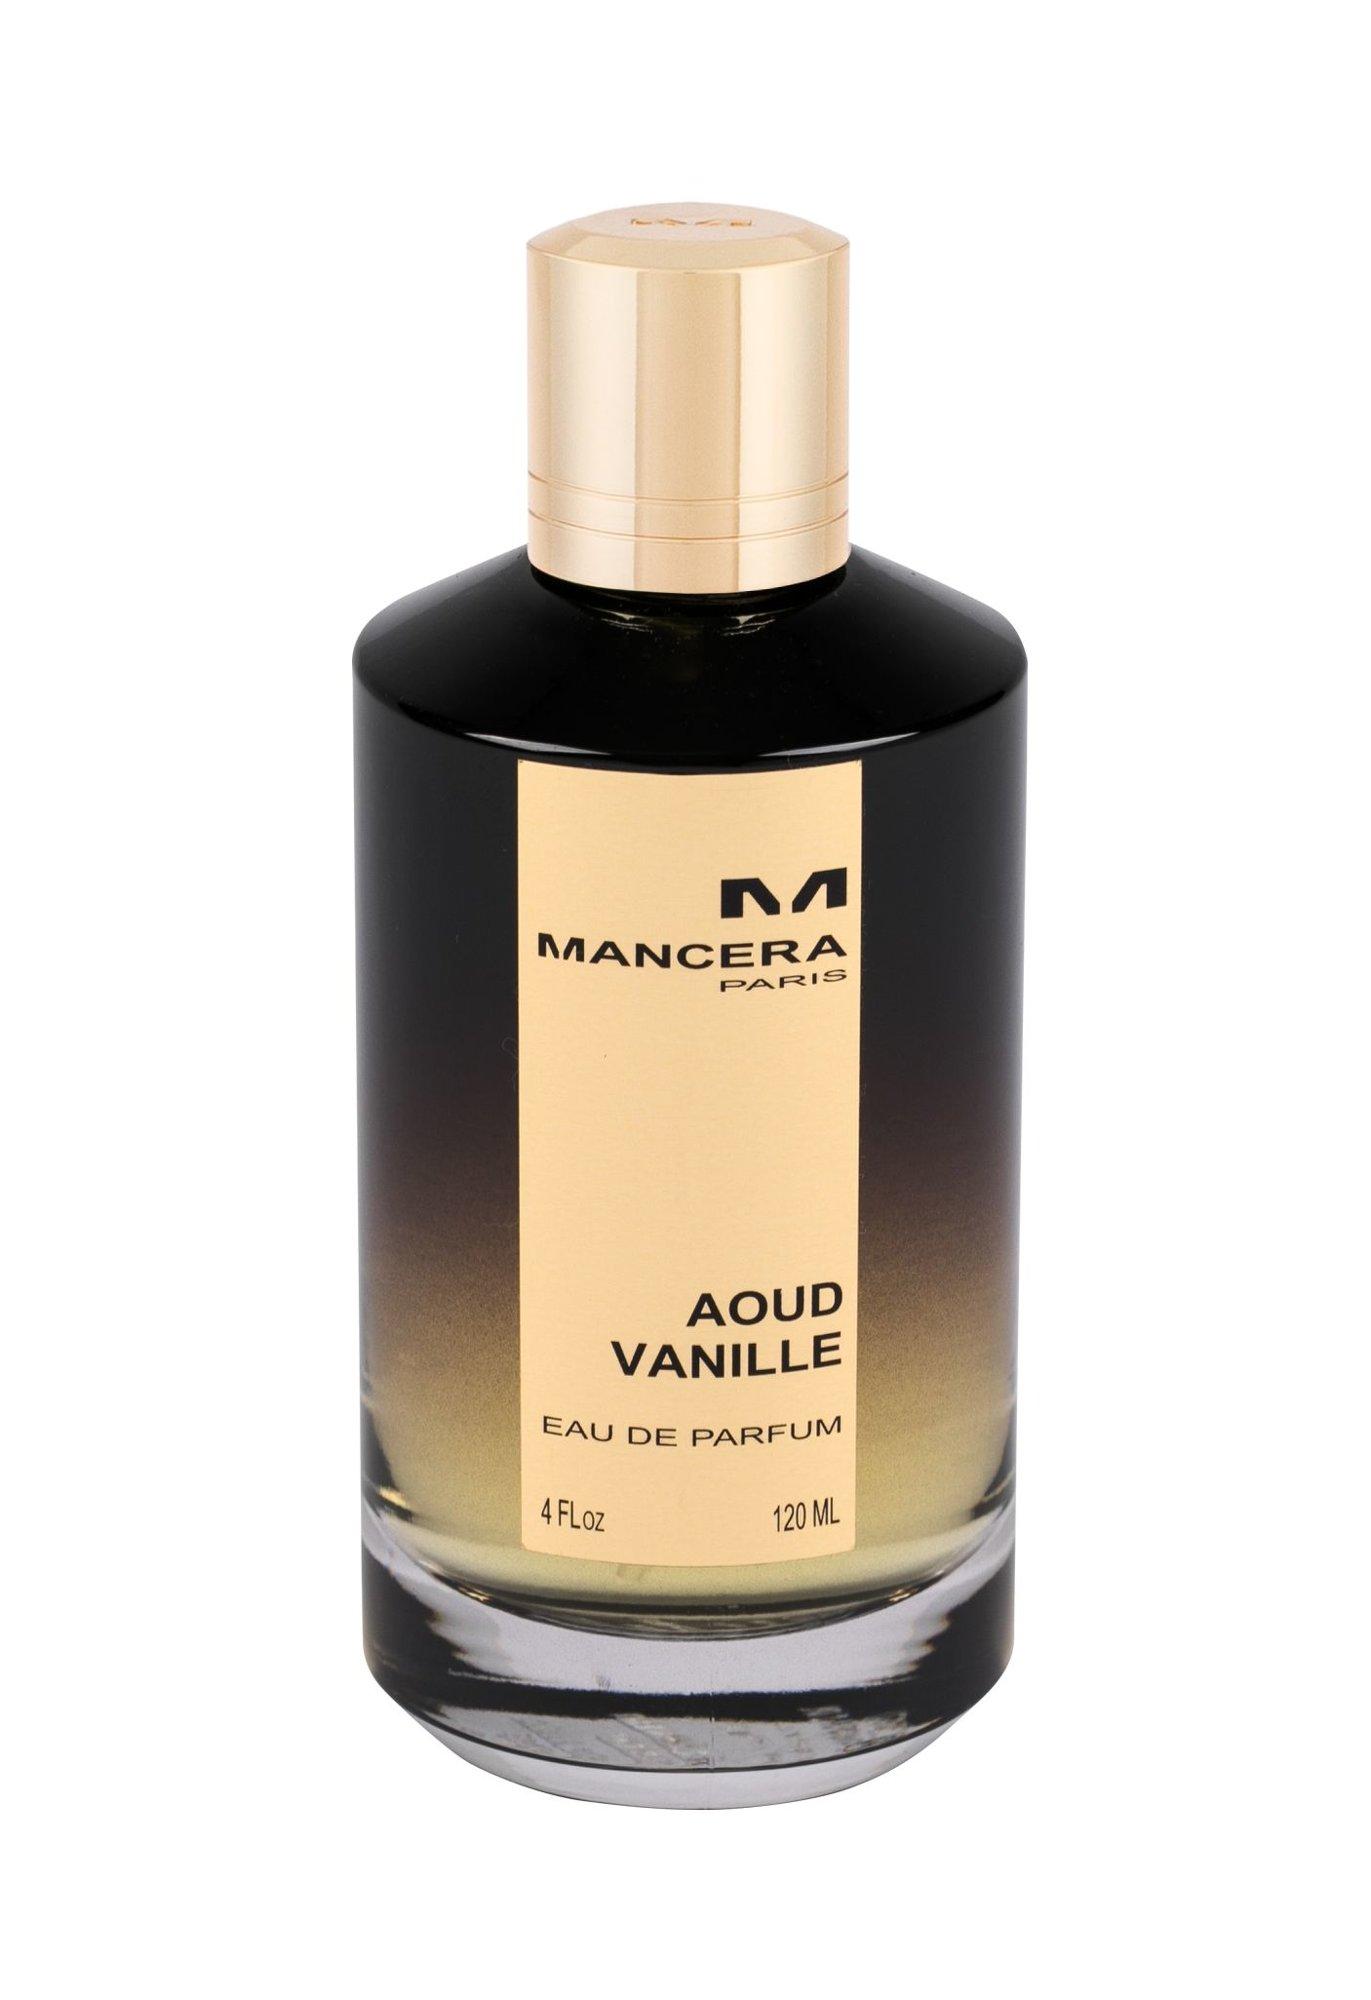 MANCERA Aoud Eau de Parfum 120ml  Vanille